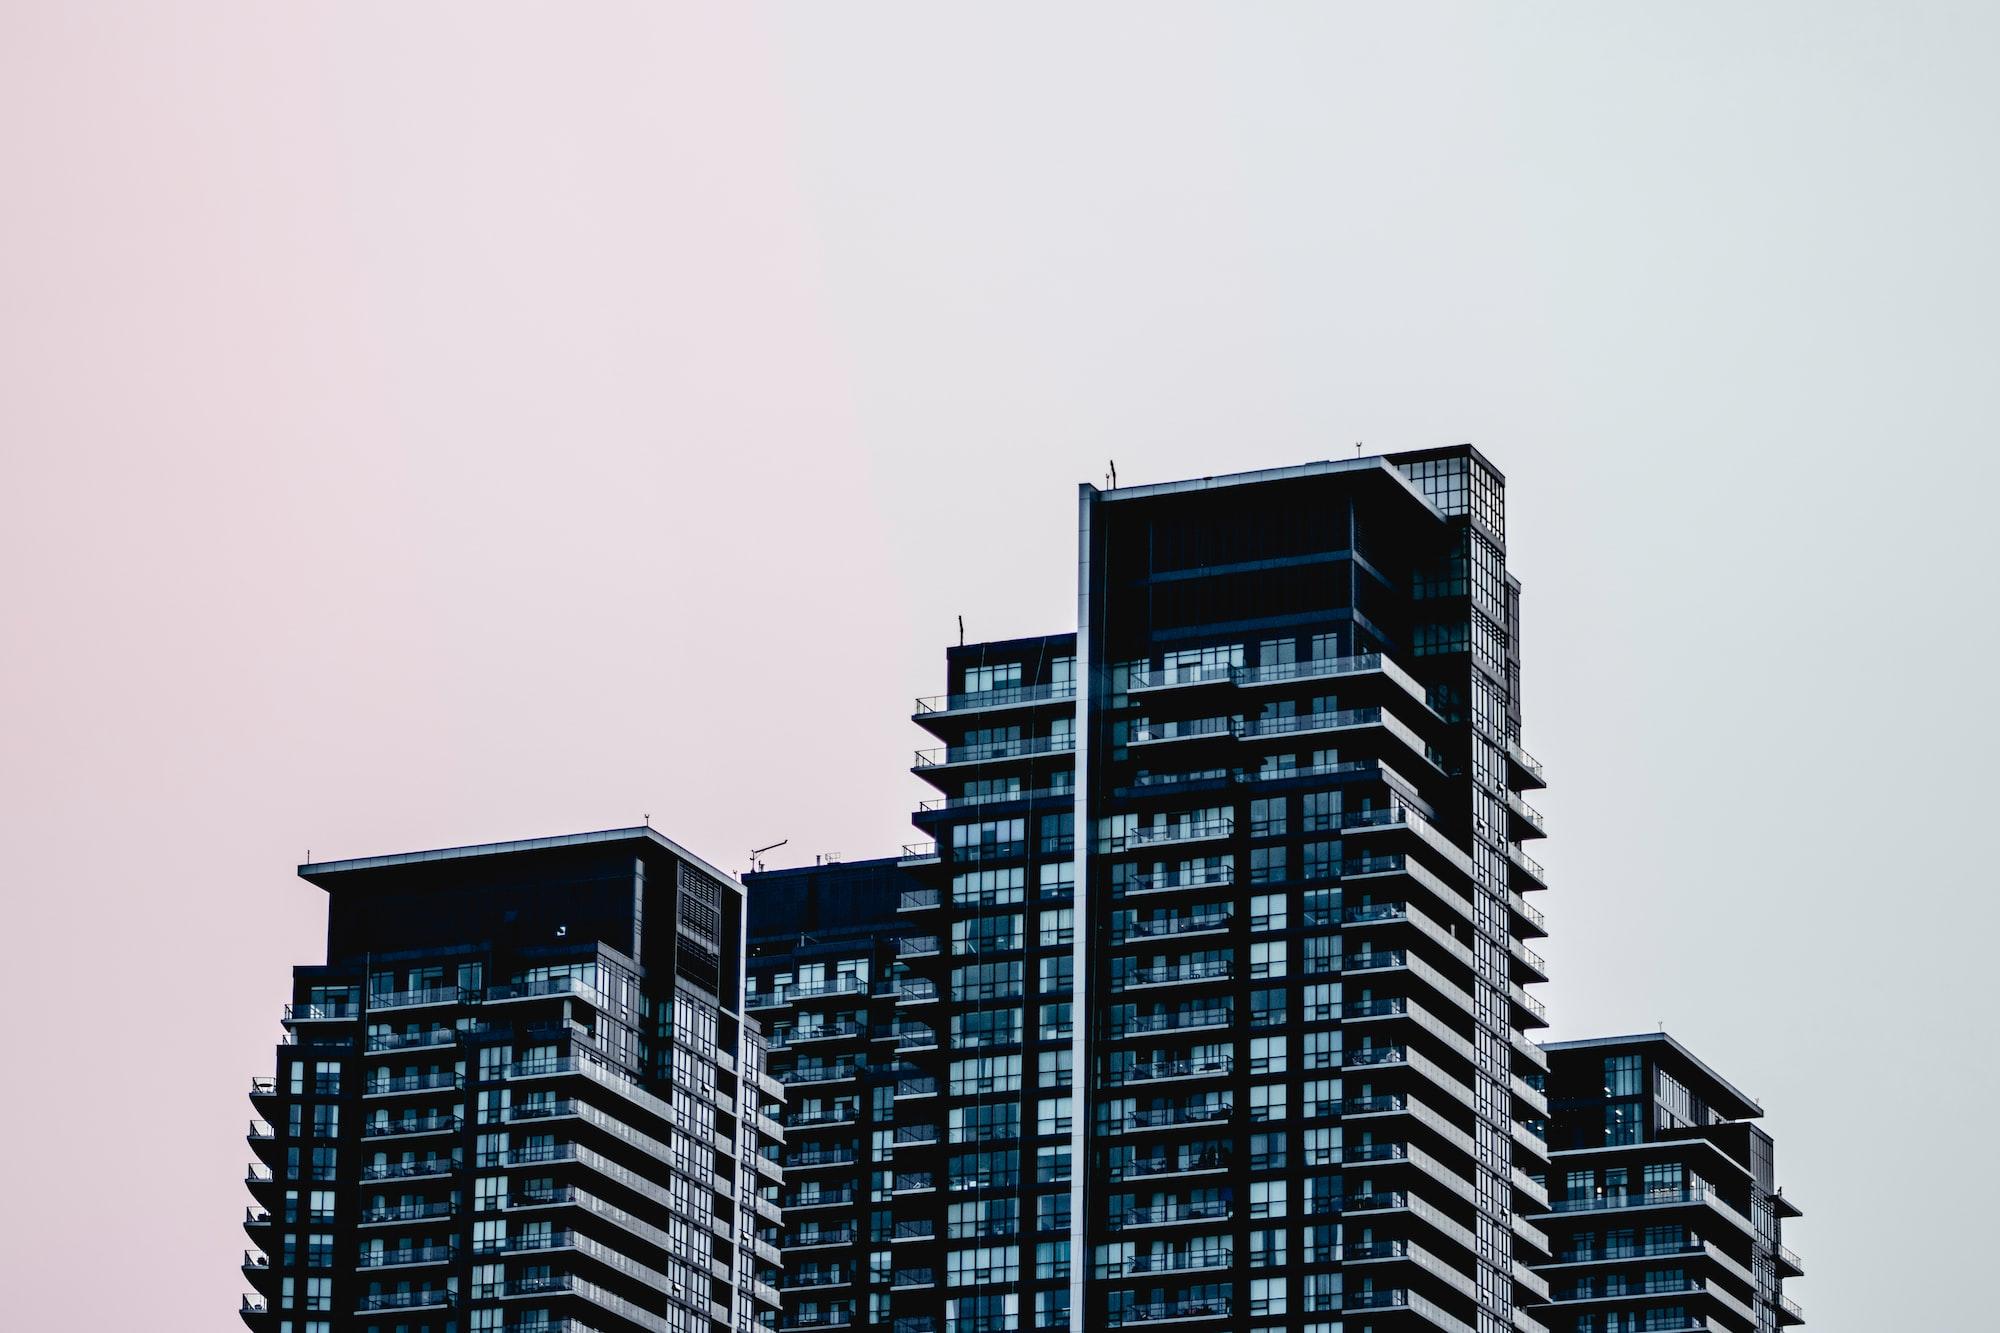 房产阶梯出现拥堵,首次购房者无法入市